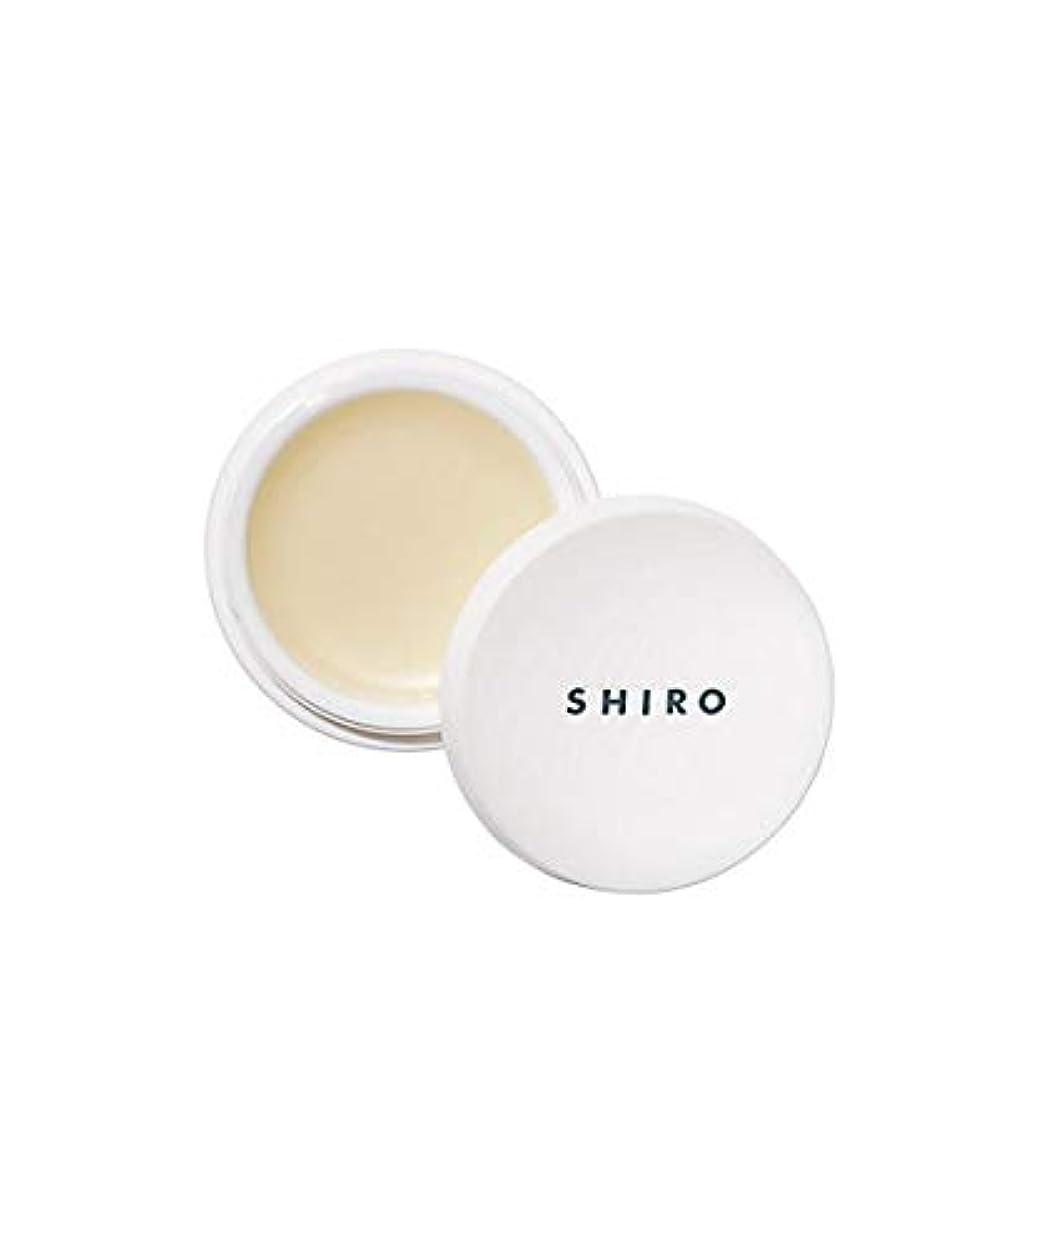 野心反響する梨shiro white lily ホワイトリリー 練り香水 12g